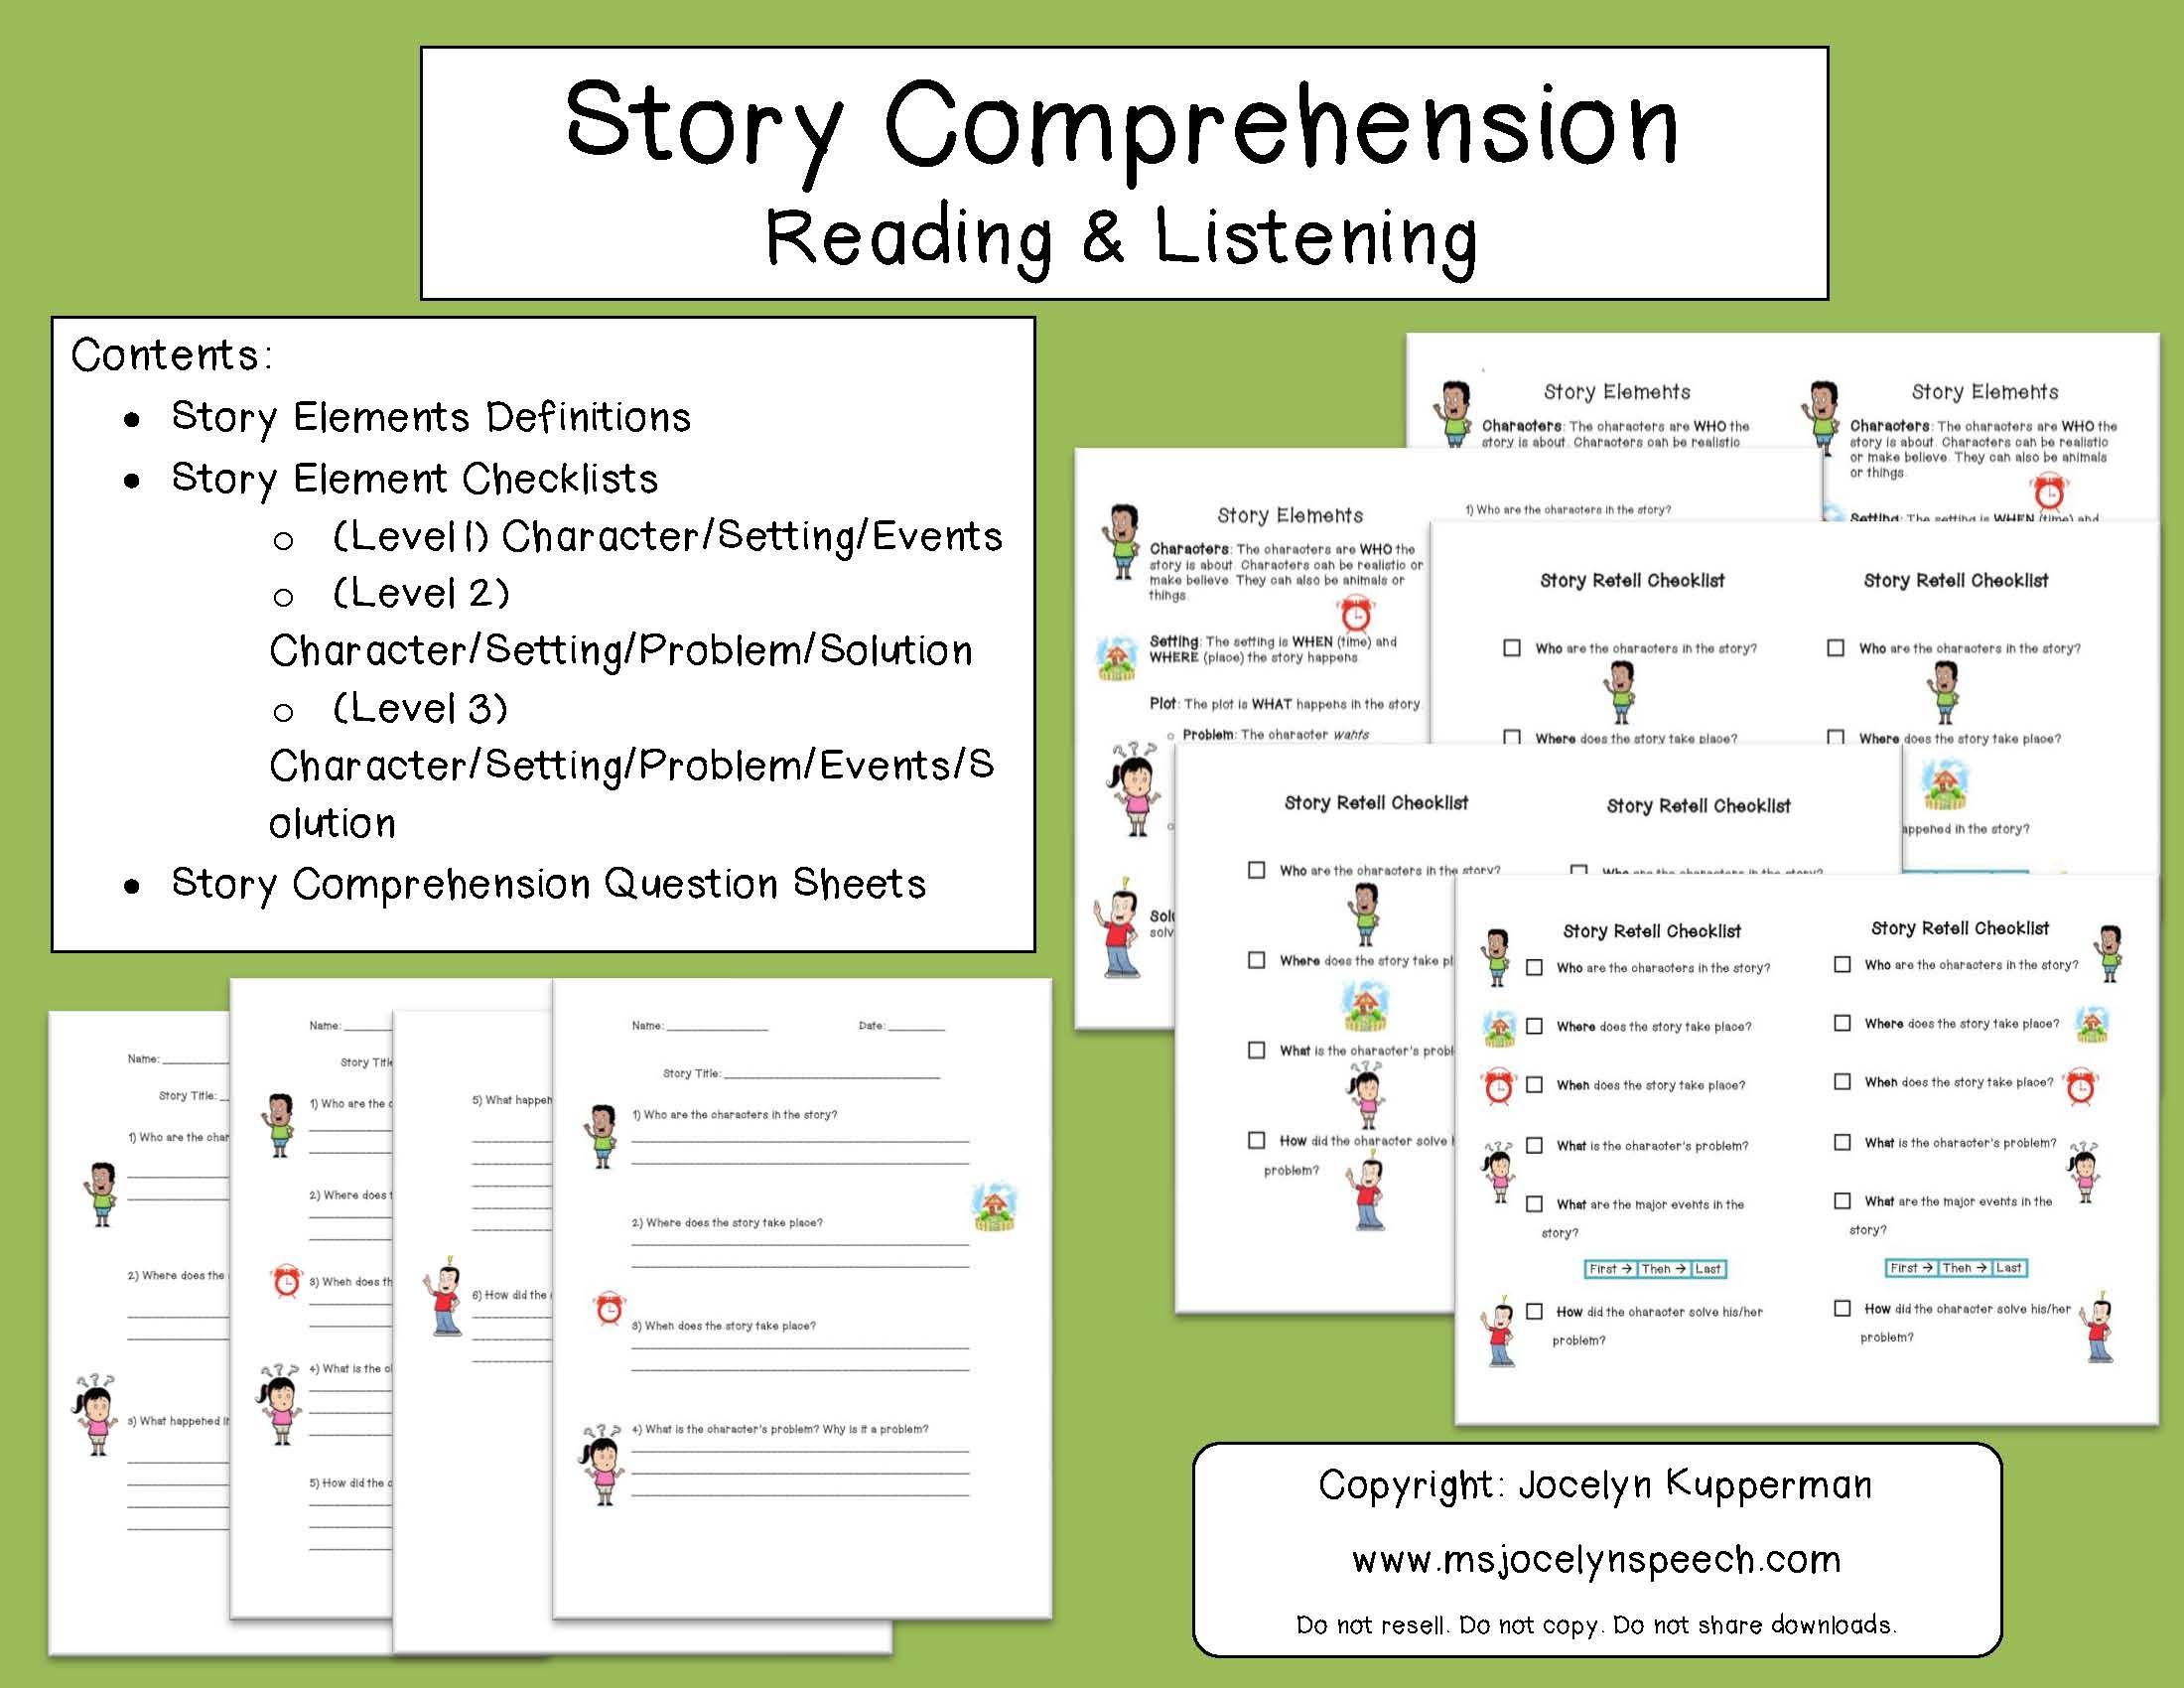 Worksheets Listening Comprehension Worksheets story comprehension reading listening httpwww teacherspayteachers com